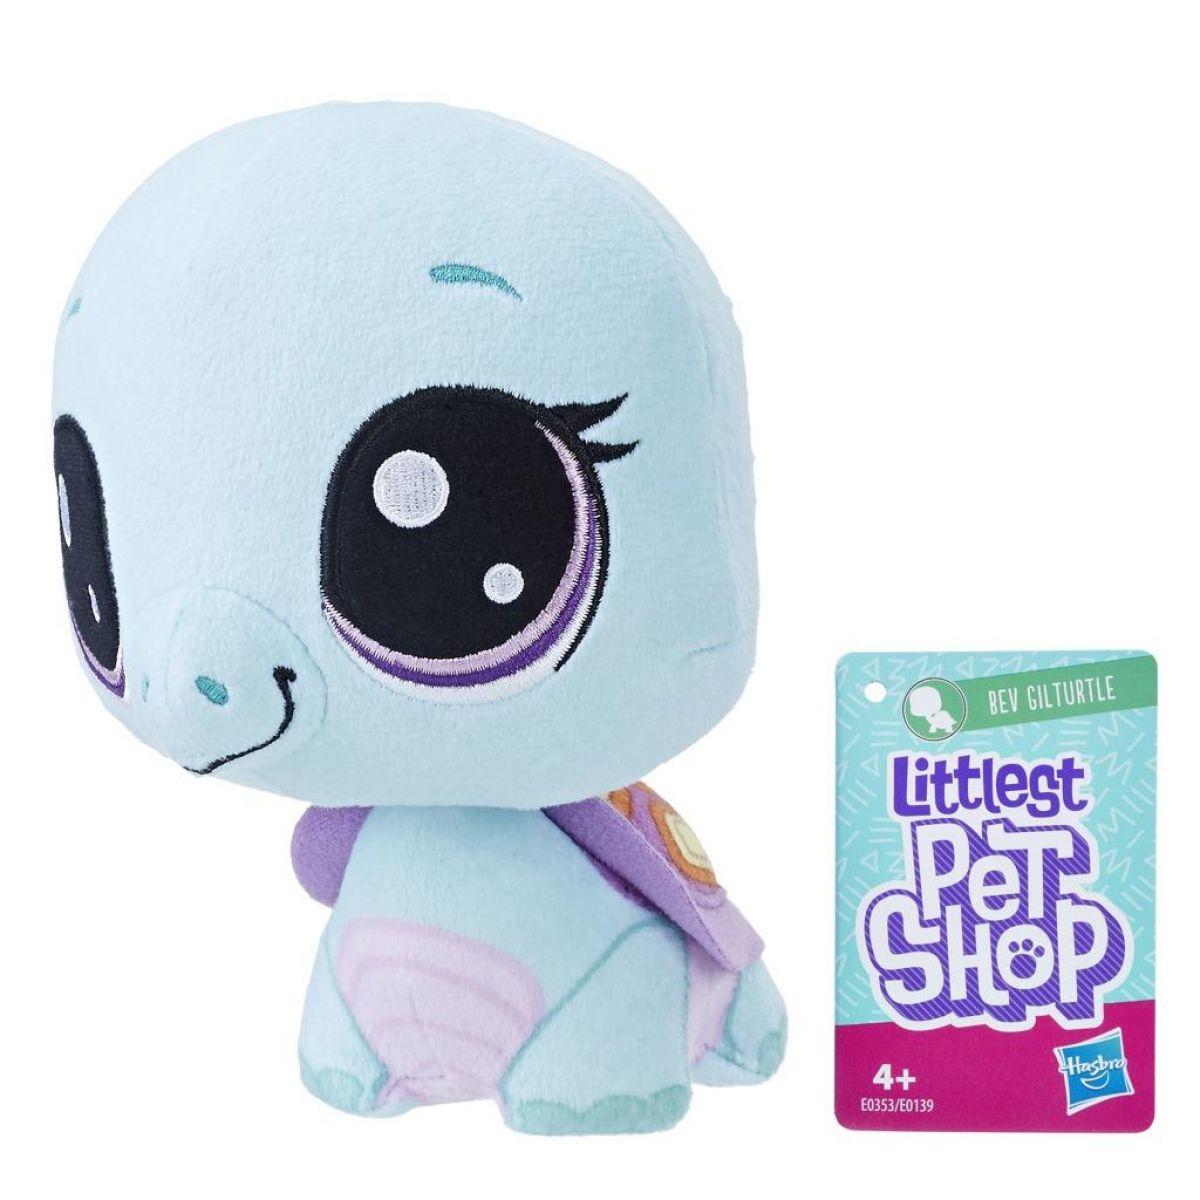 Hasbro Littlest Pet Shop Plyšák s pohyblivou hlavou Bev Gilturtle